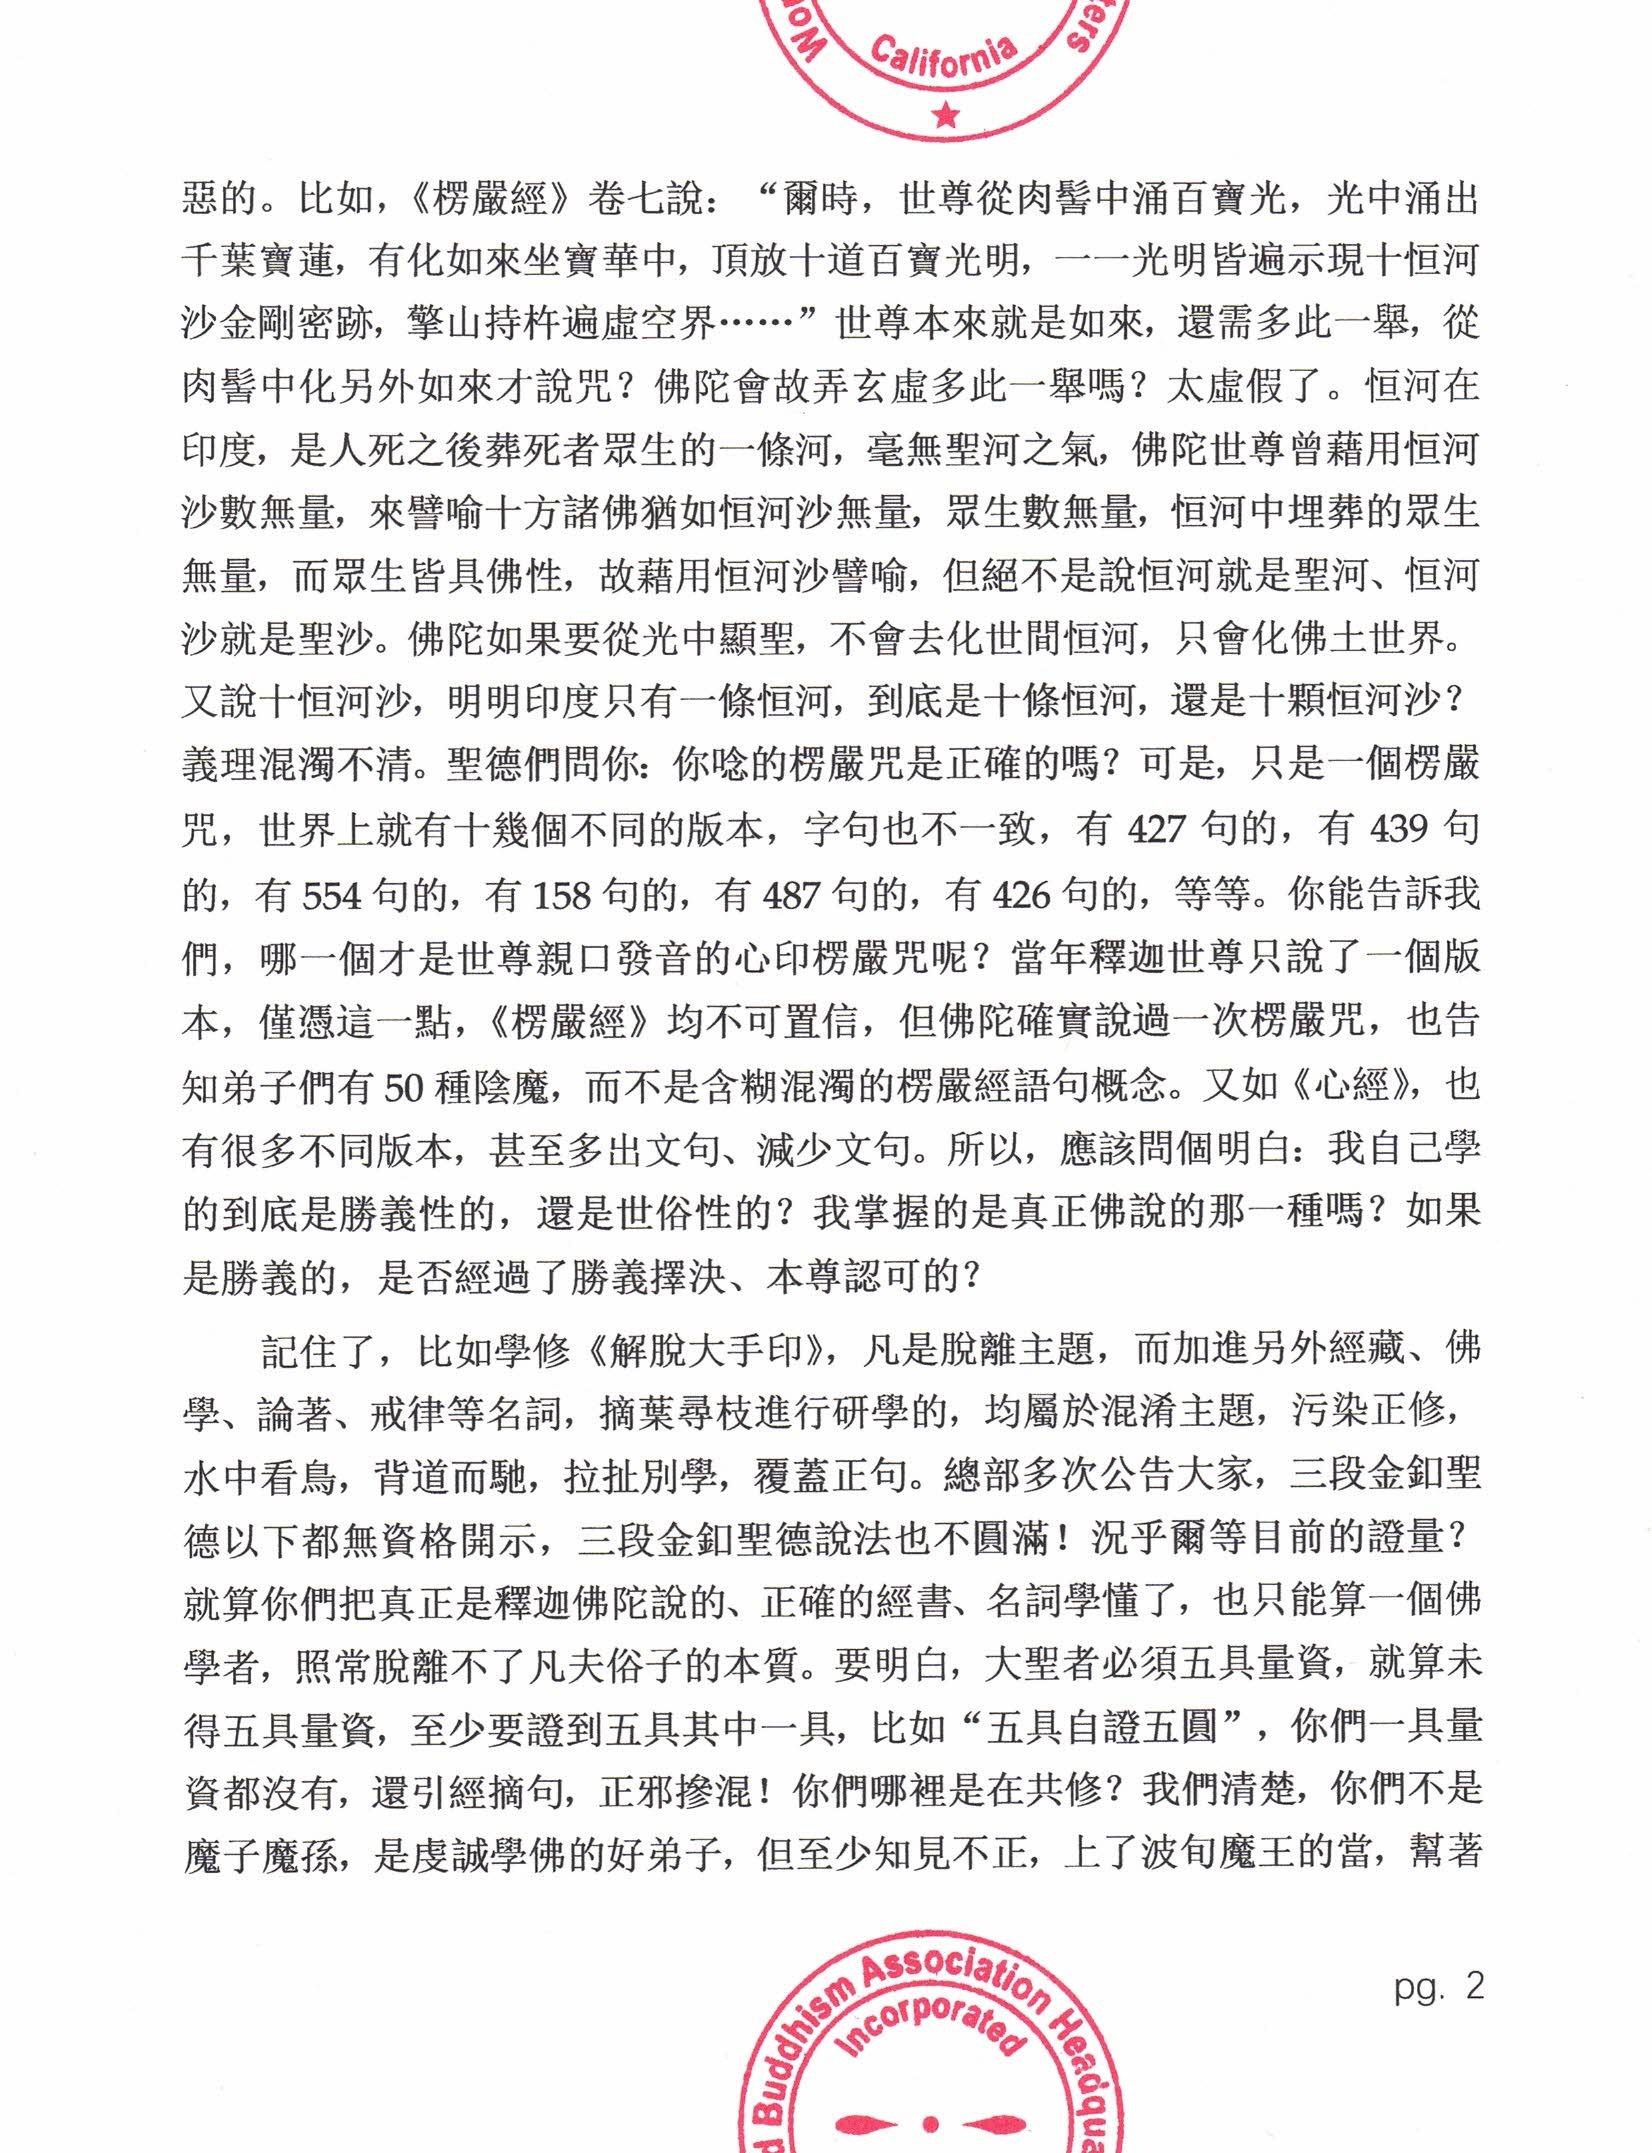 2 - 世界佛教總部公告(公告字第20200102號)- 正確的共修——共修不可走題涉偏鋒